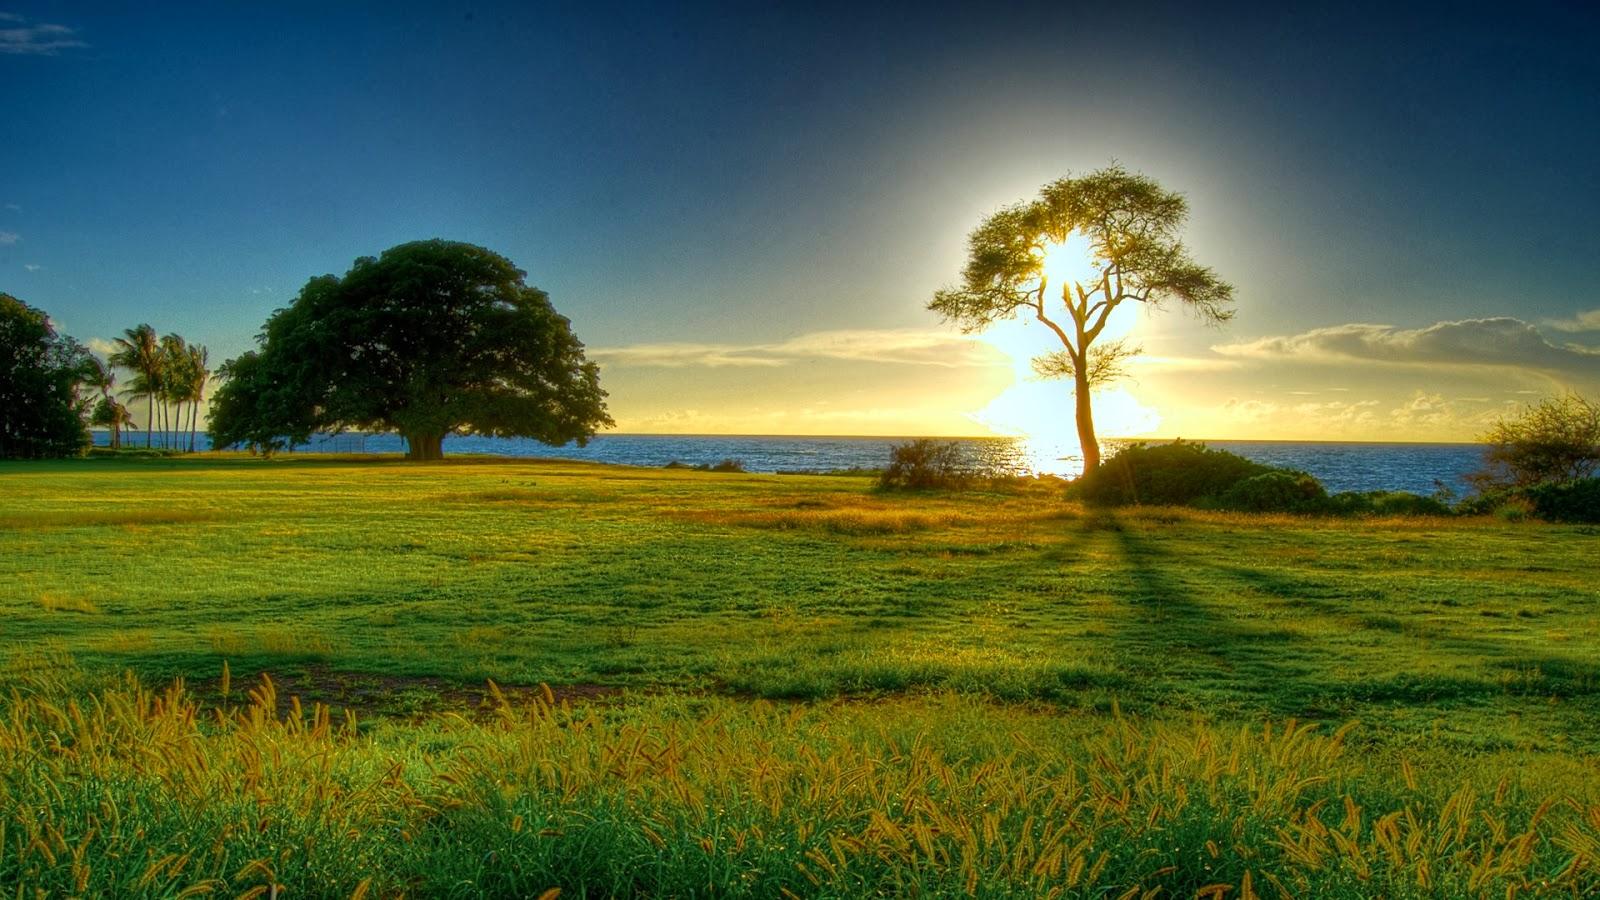 hd natural image beautiful - photo #16